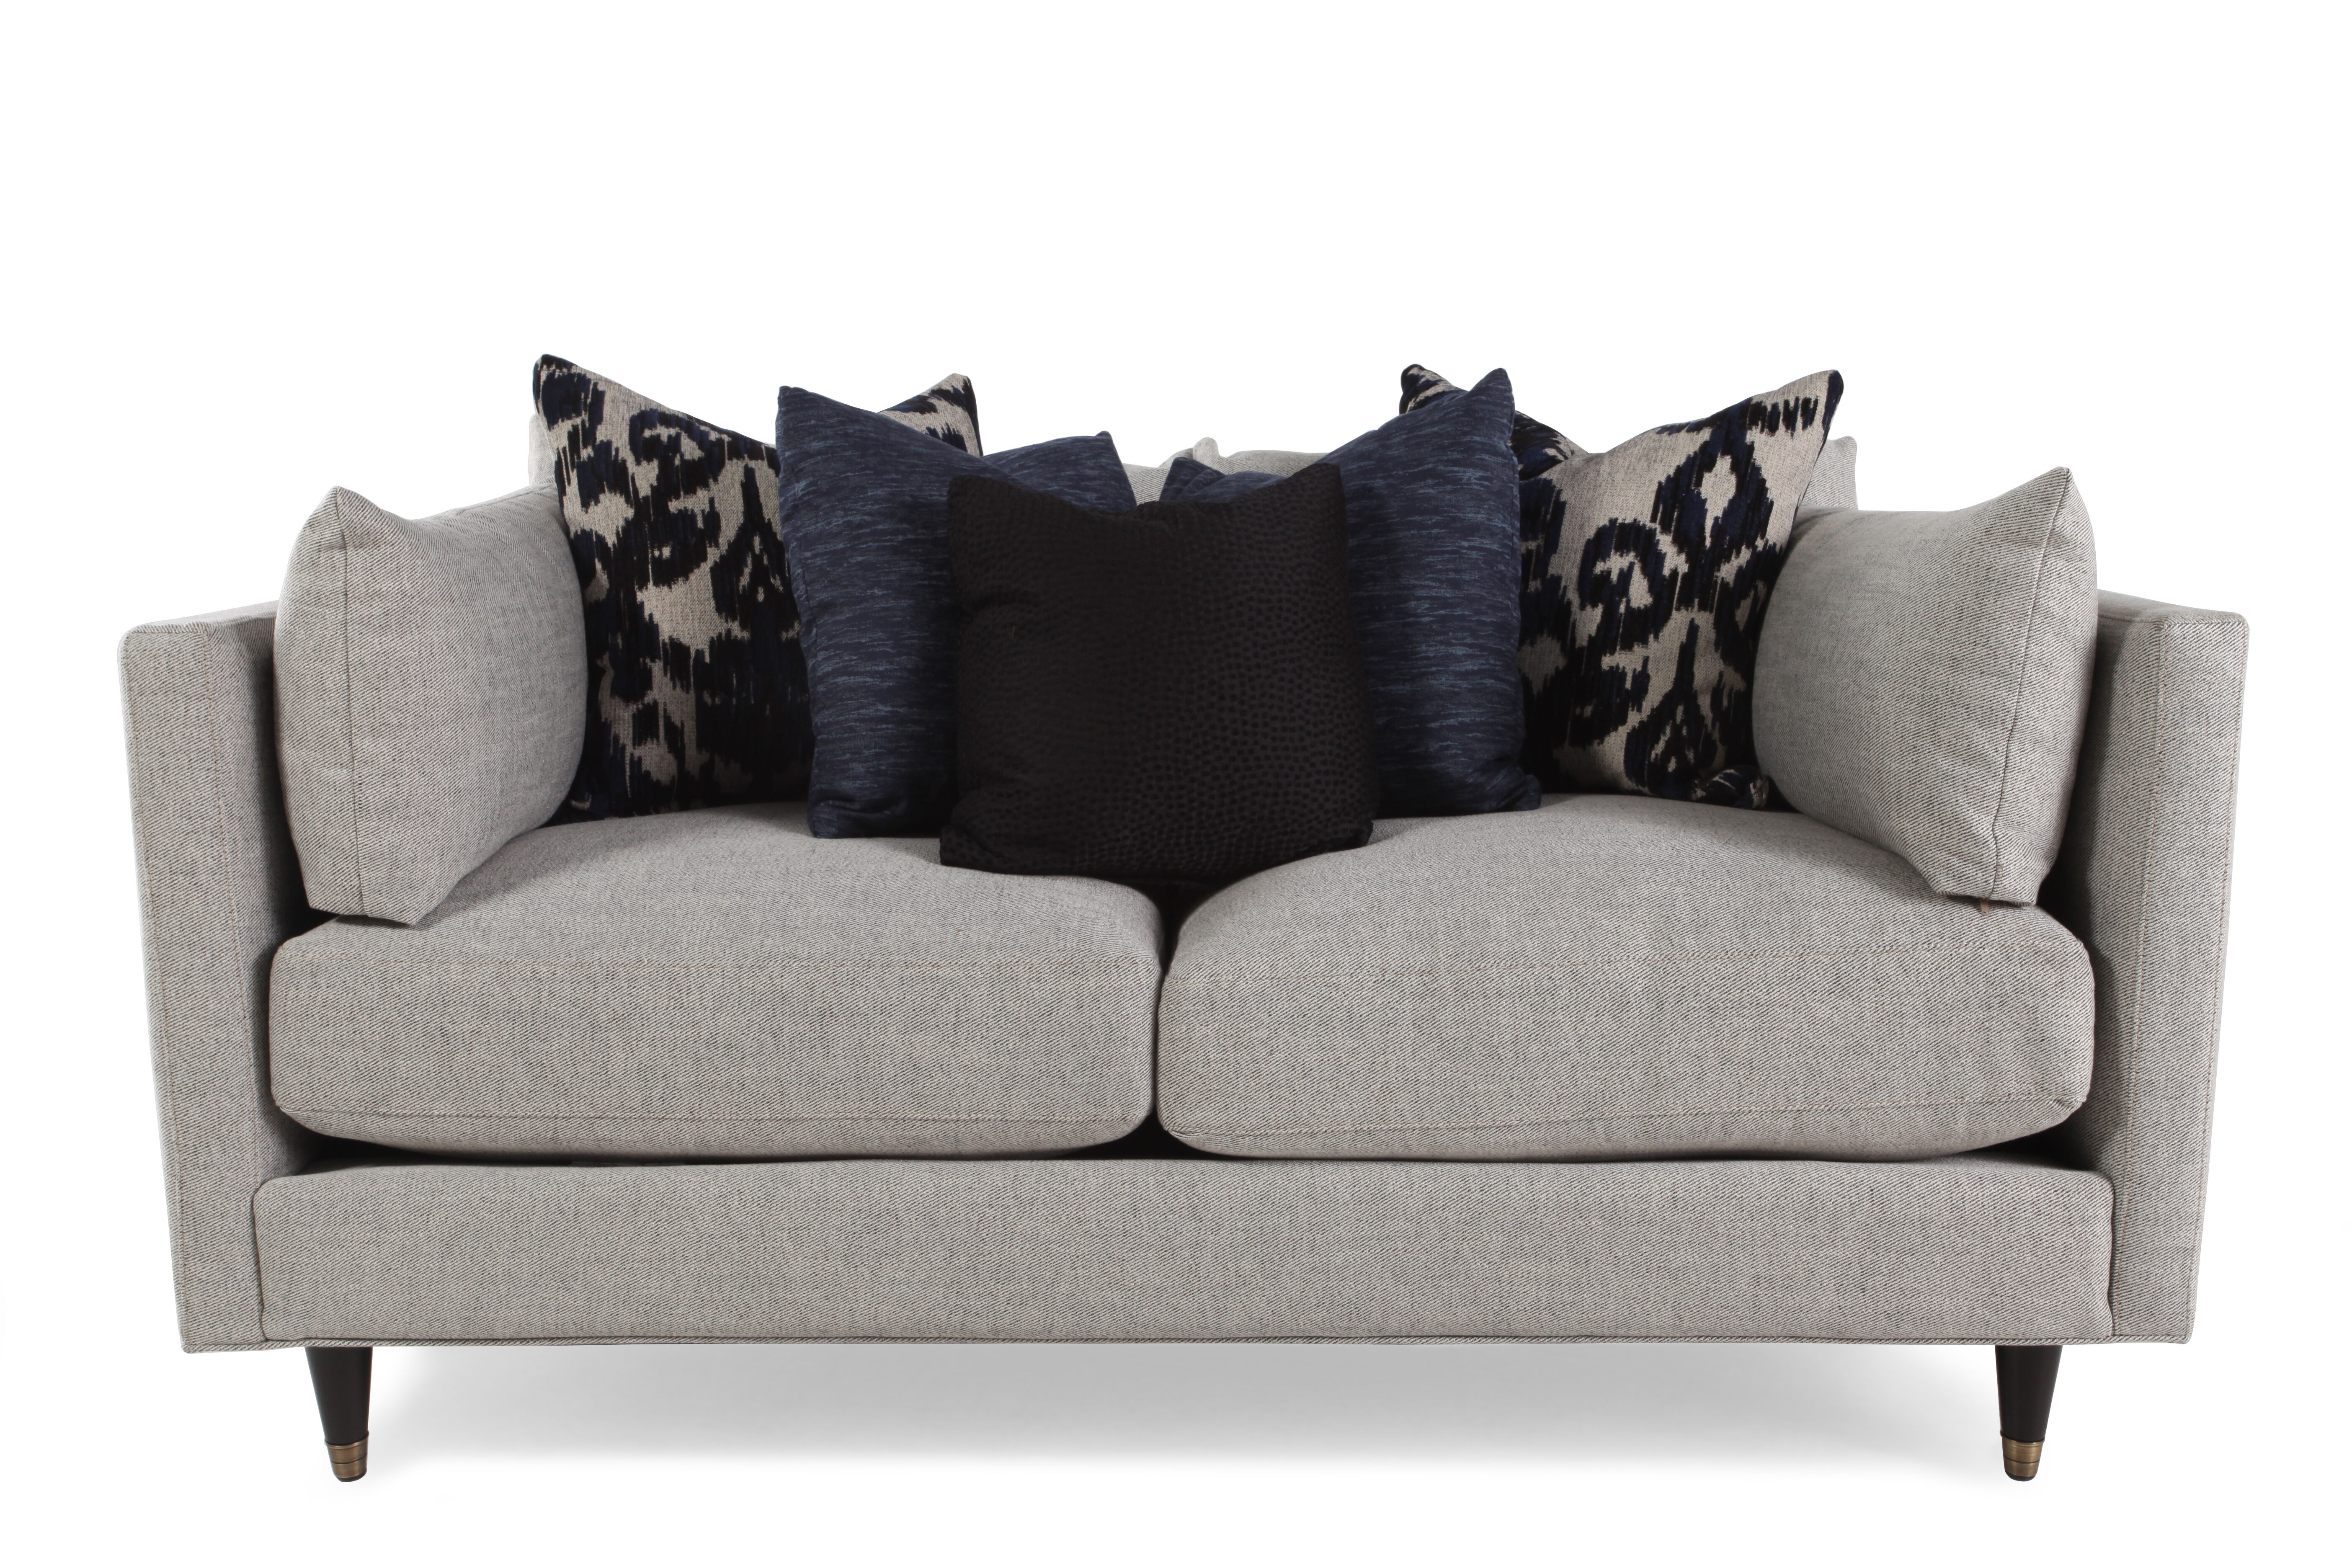 Charming Low Profile 70u0026quot; Sofa In Cream